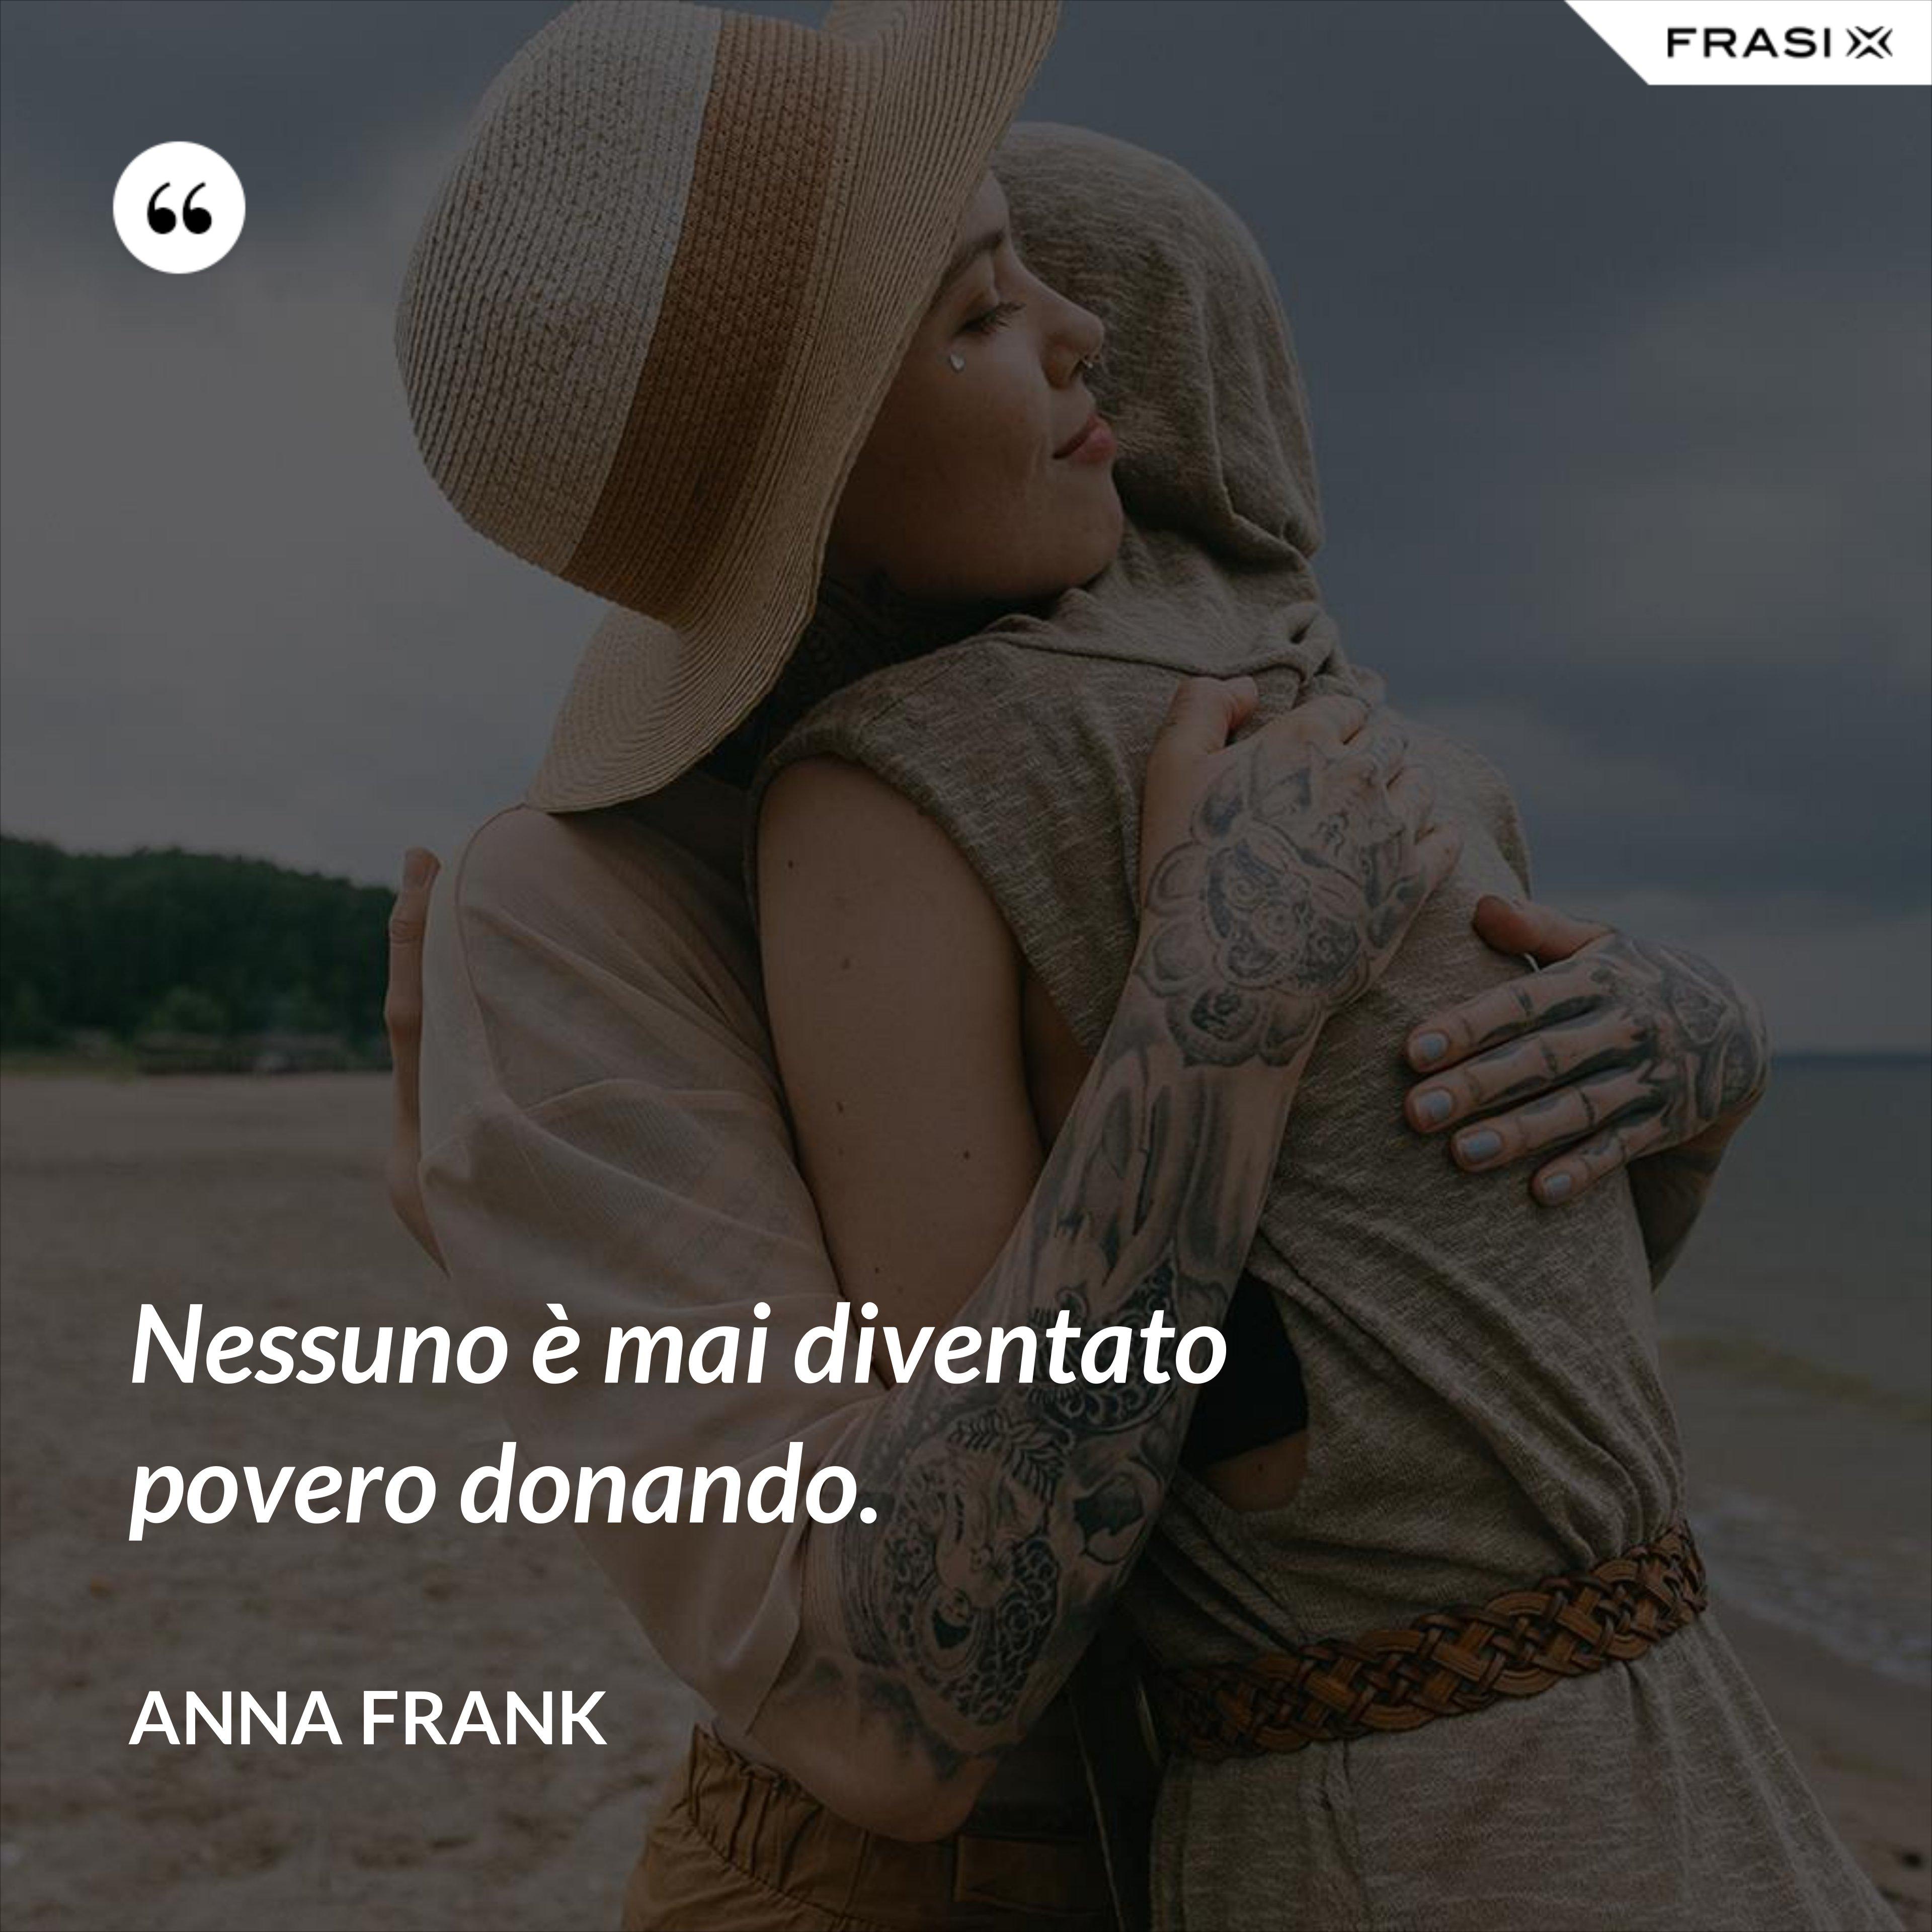 Nessuno è mai diventato povero donando. - Anna Frank